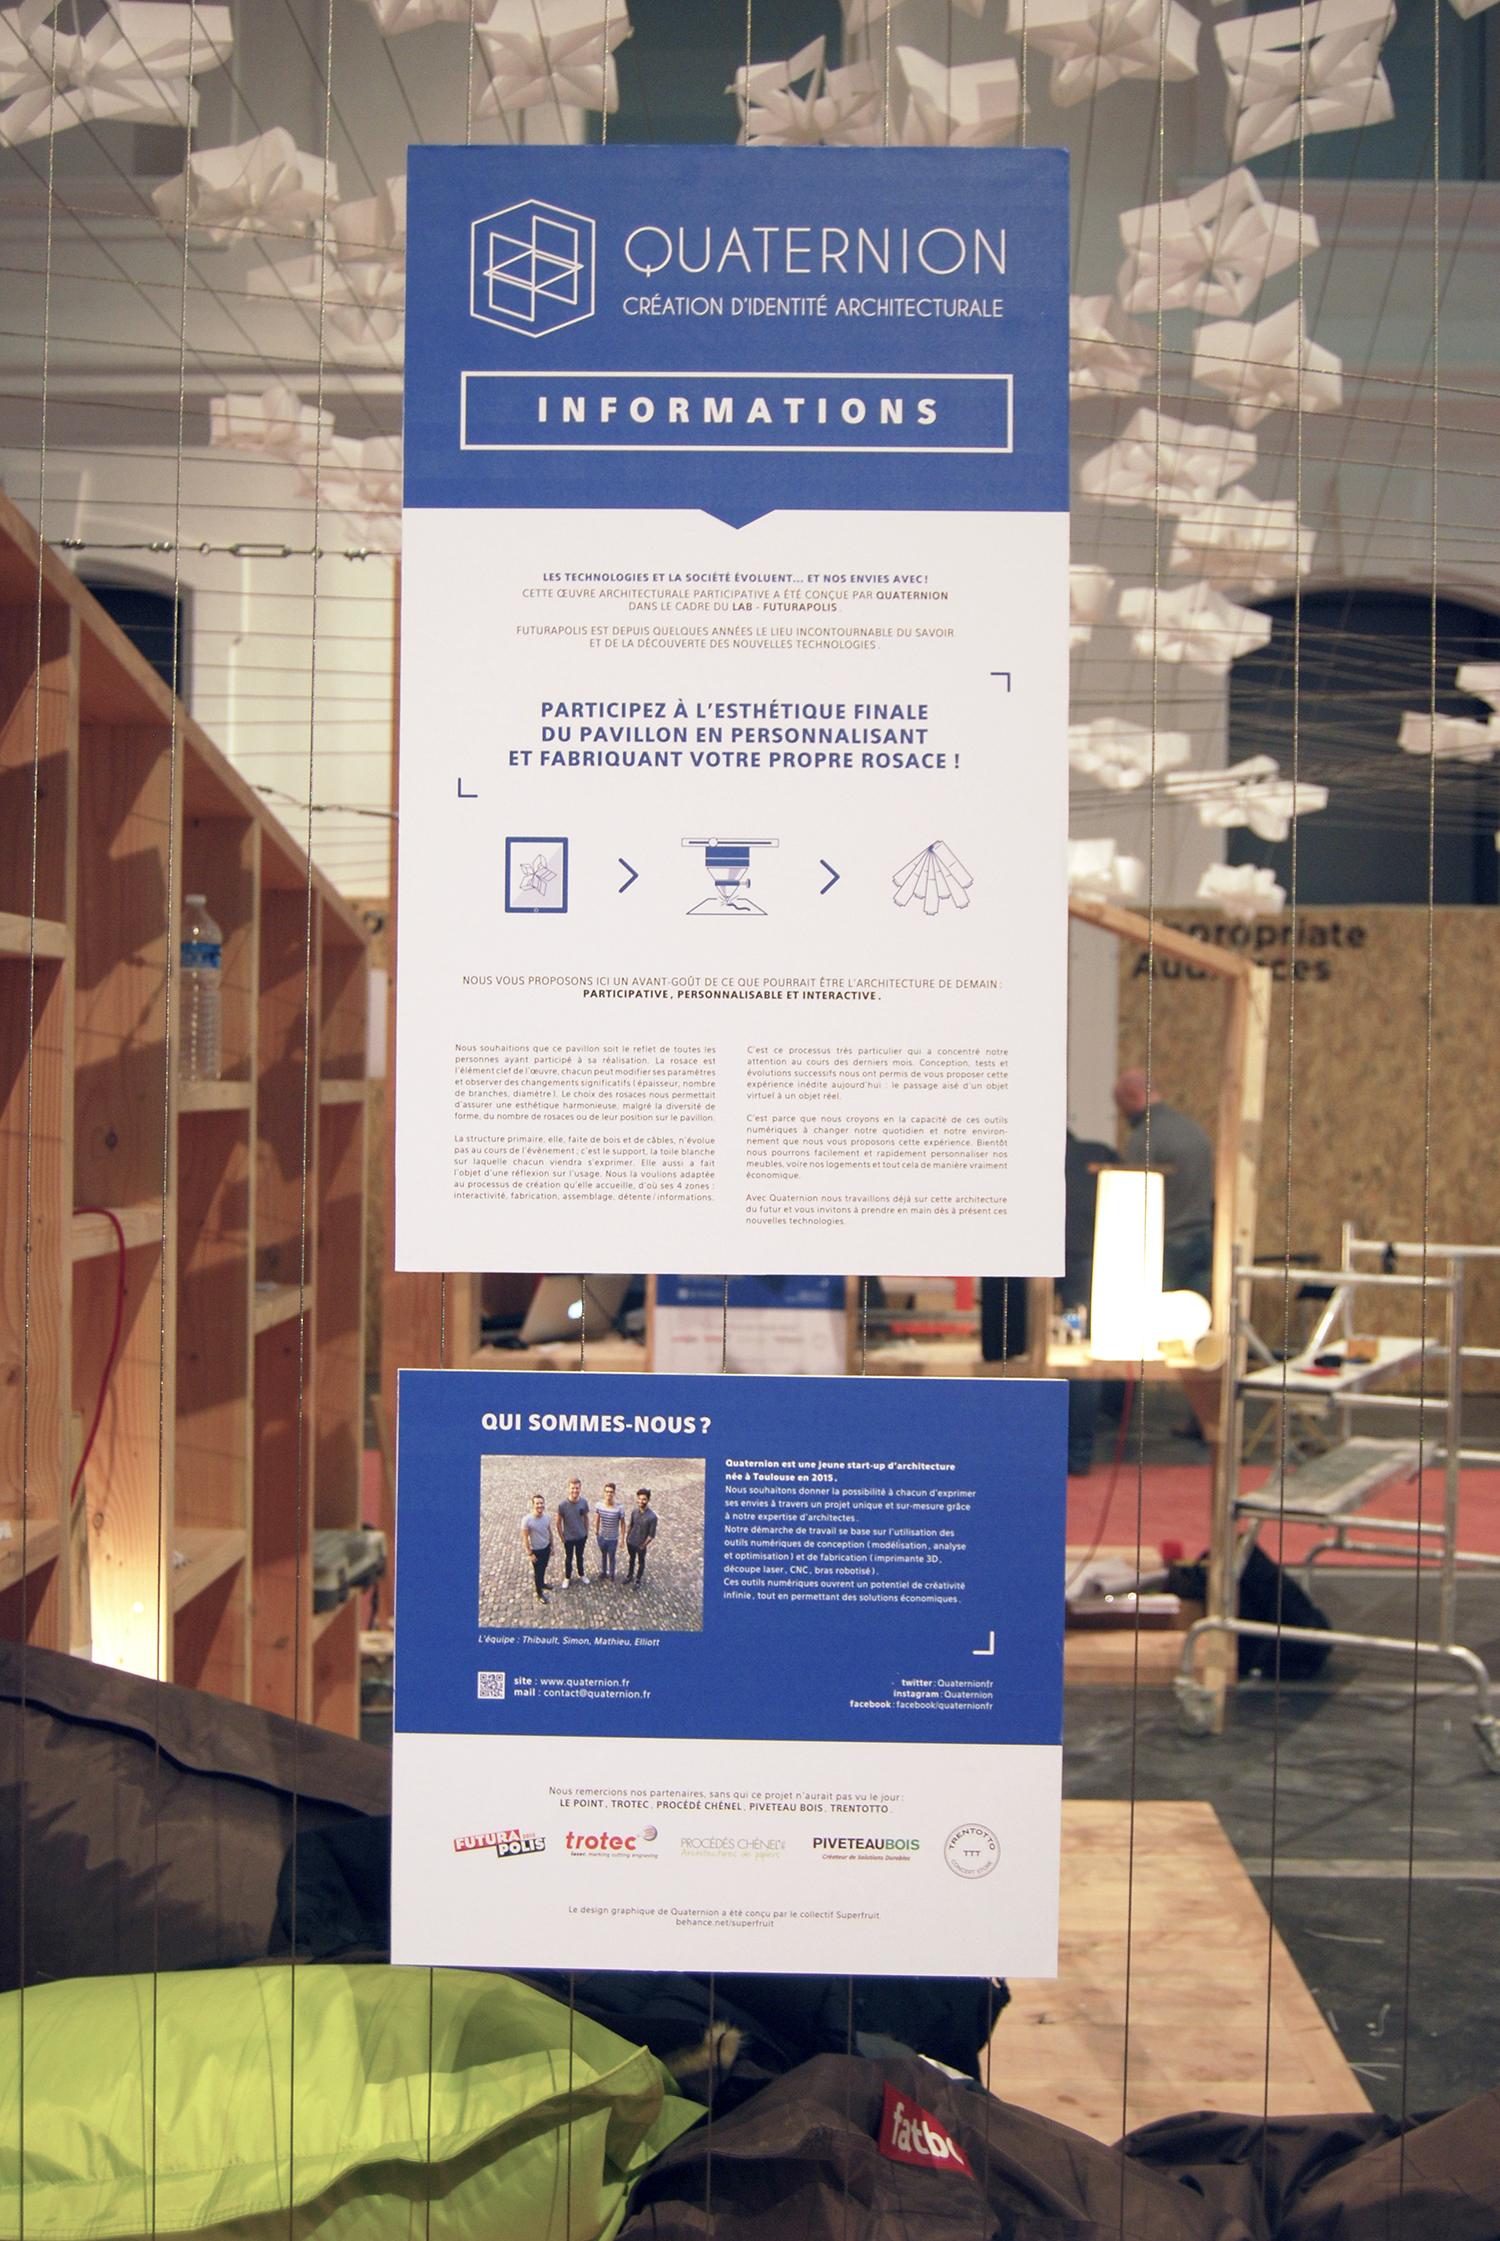 Panneau informations au stand Quaternion à Futurapolis 2015